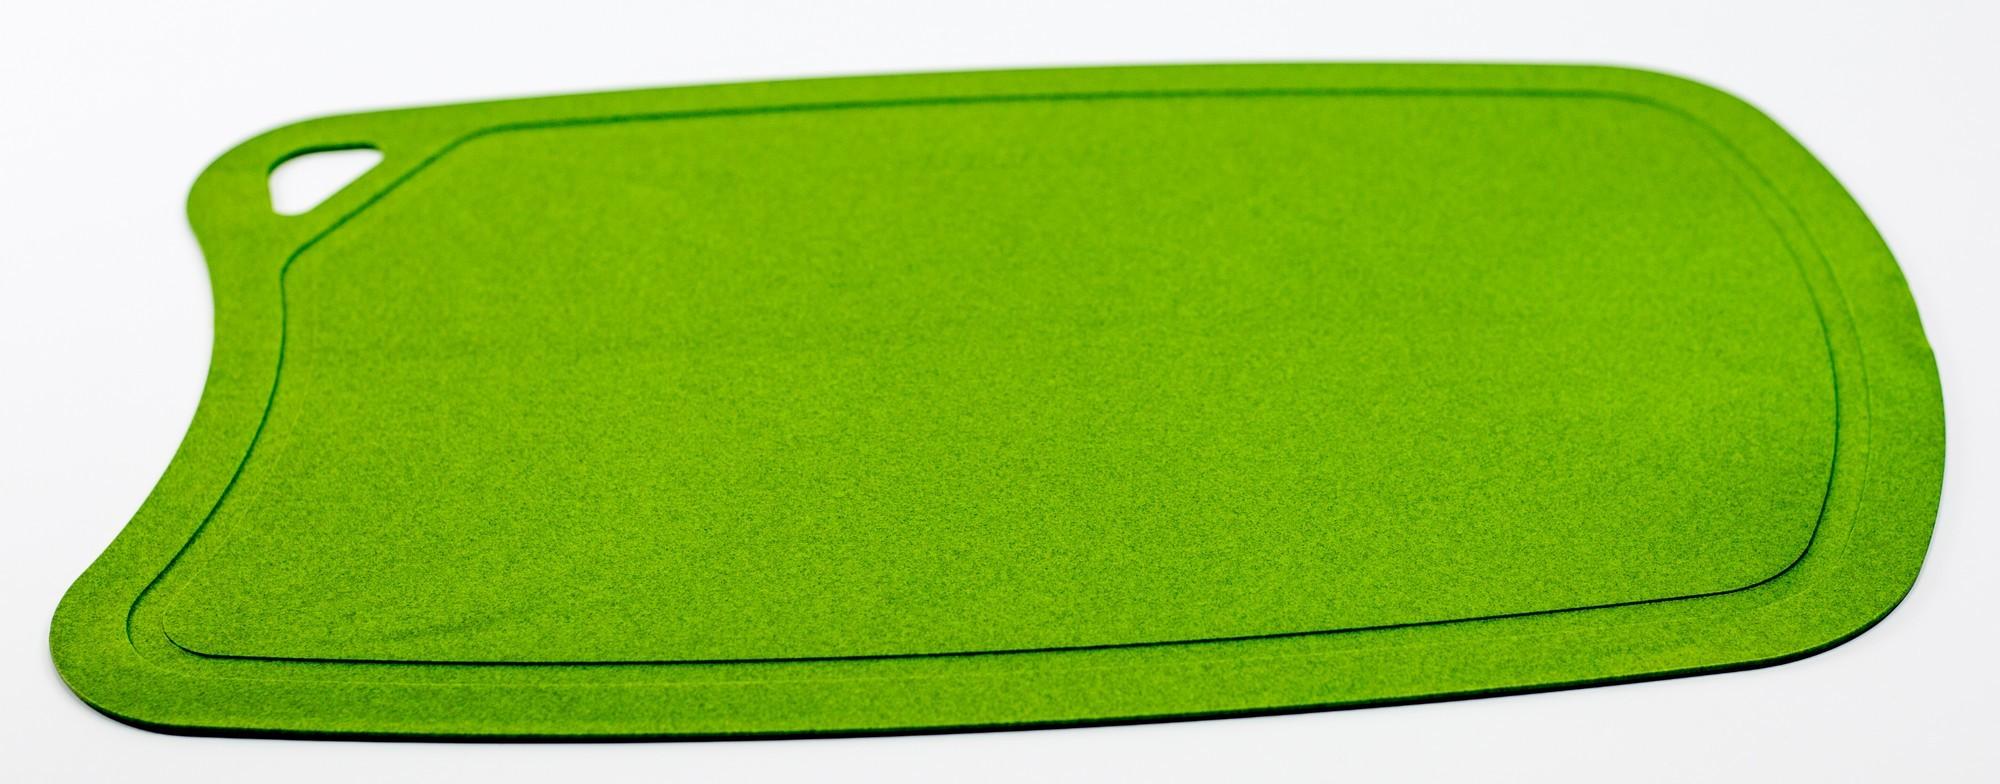 Доска разделочная BIOMAID угольная, термопластичный полиуретан, зеленаяTojiro<br>Доска разделочная BIOMAID угольная, термопластичный полиуретан, зеленый, 380x250x2мм<br>